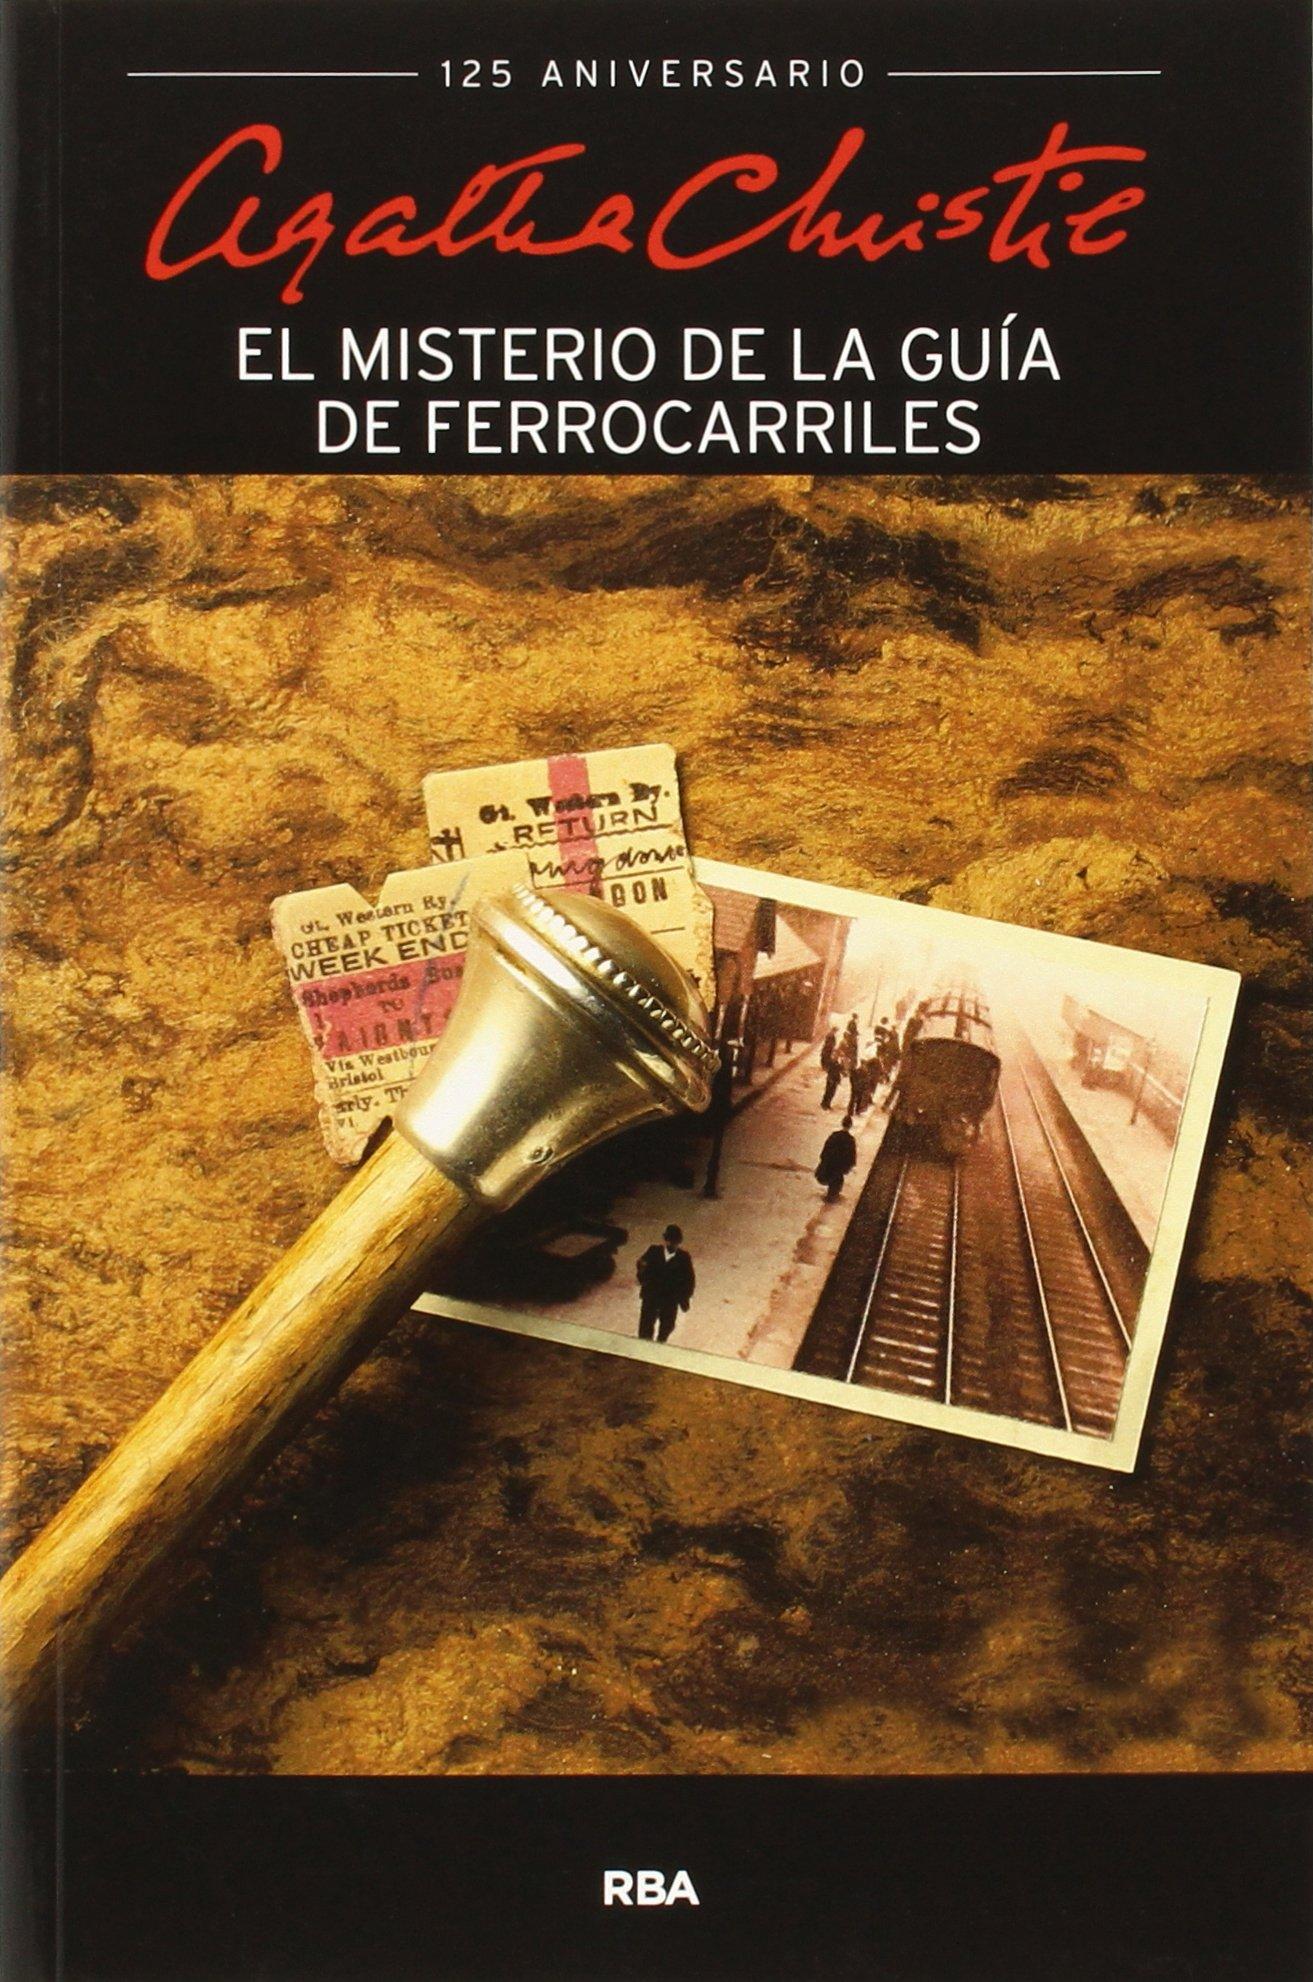 El misterio de la guía de ferrocarriles OTROS FICCION: Amazon.es: CHRISTIE, AGATHA, MALLORQUI FIGUEROLA, JOSE: Libros